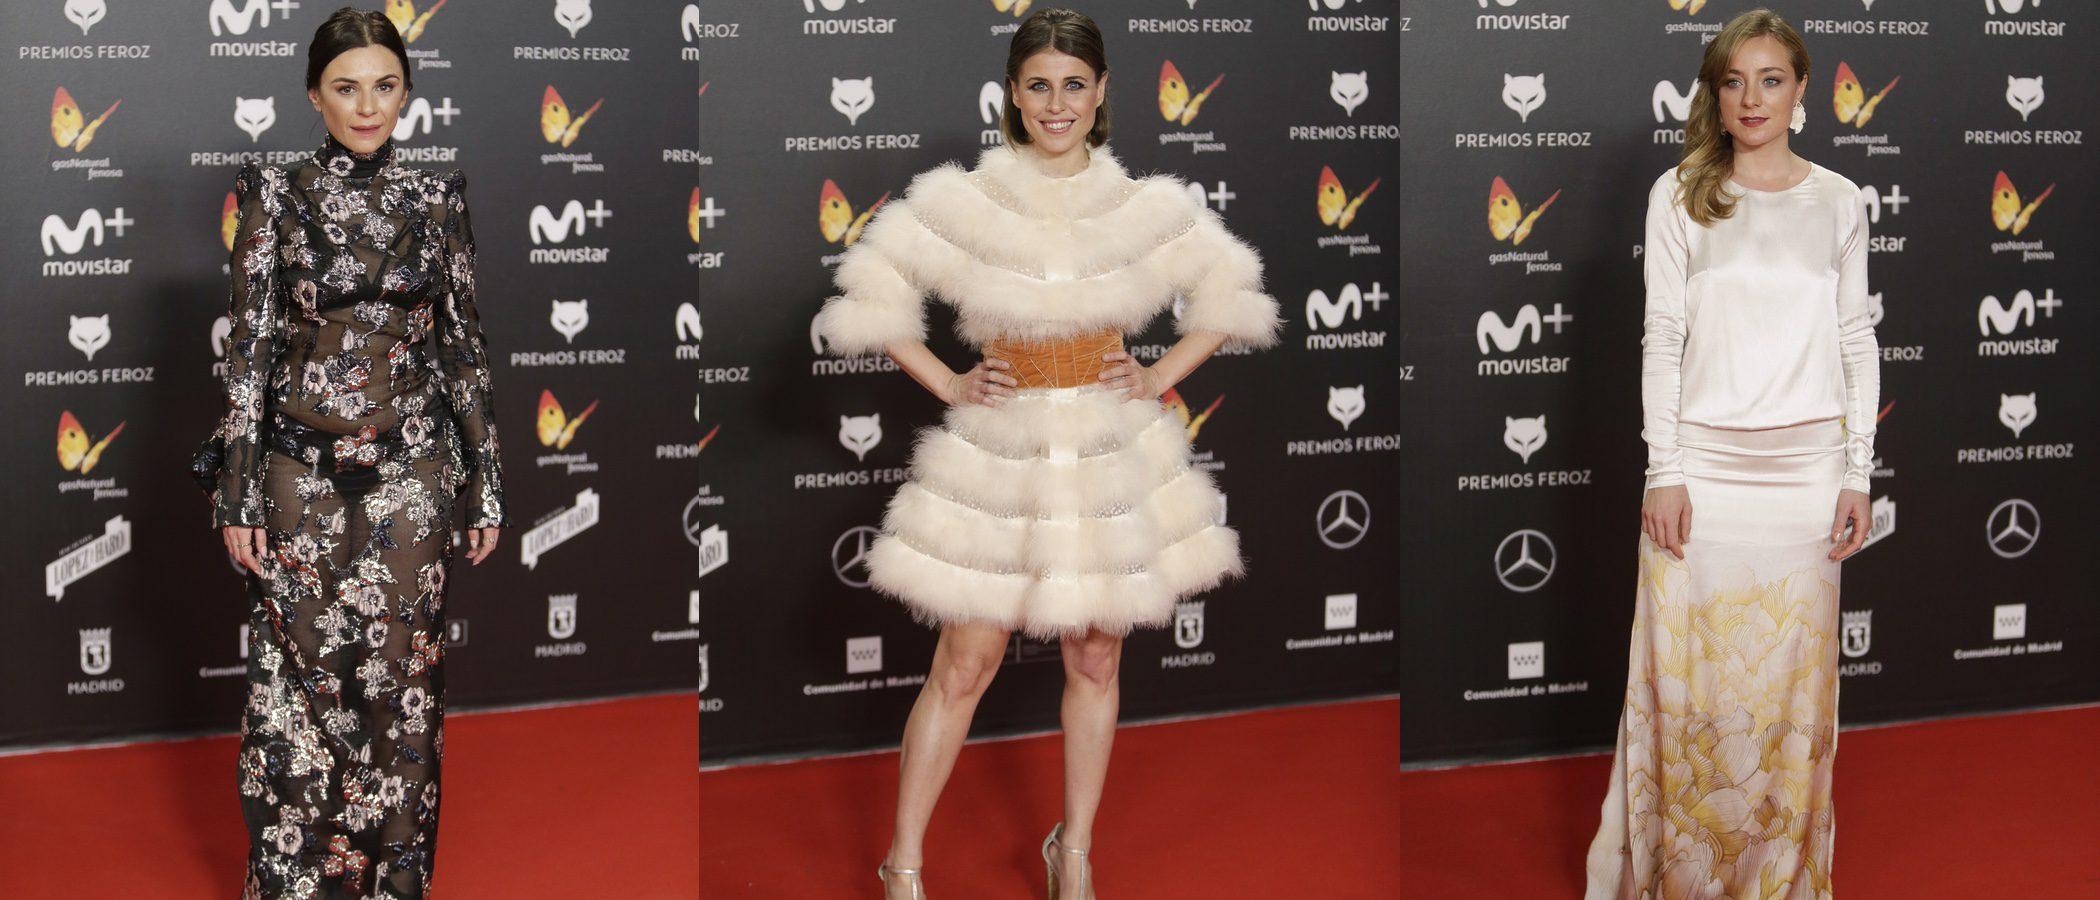 Miren Ibarguren, Ruth Llopis y Angela Cremonte entre las peor vestidas de los Premios Feroz 2018